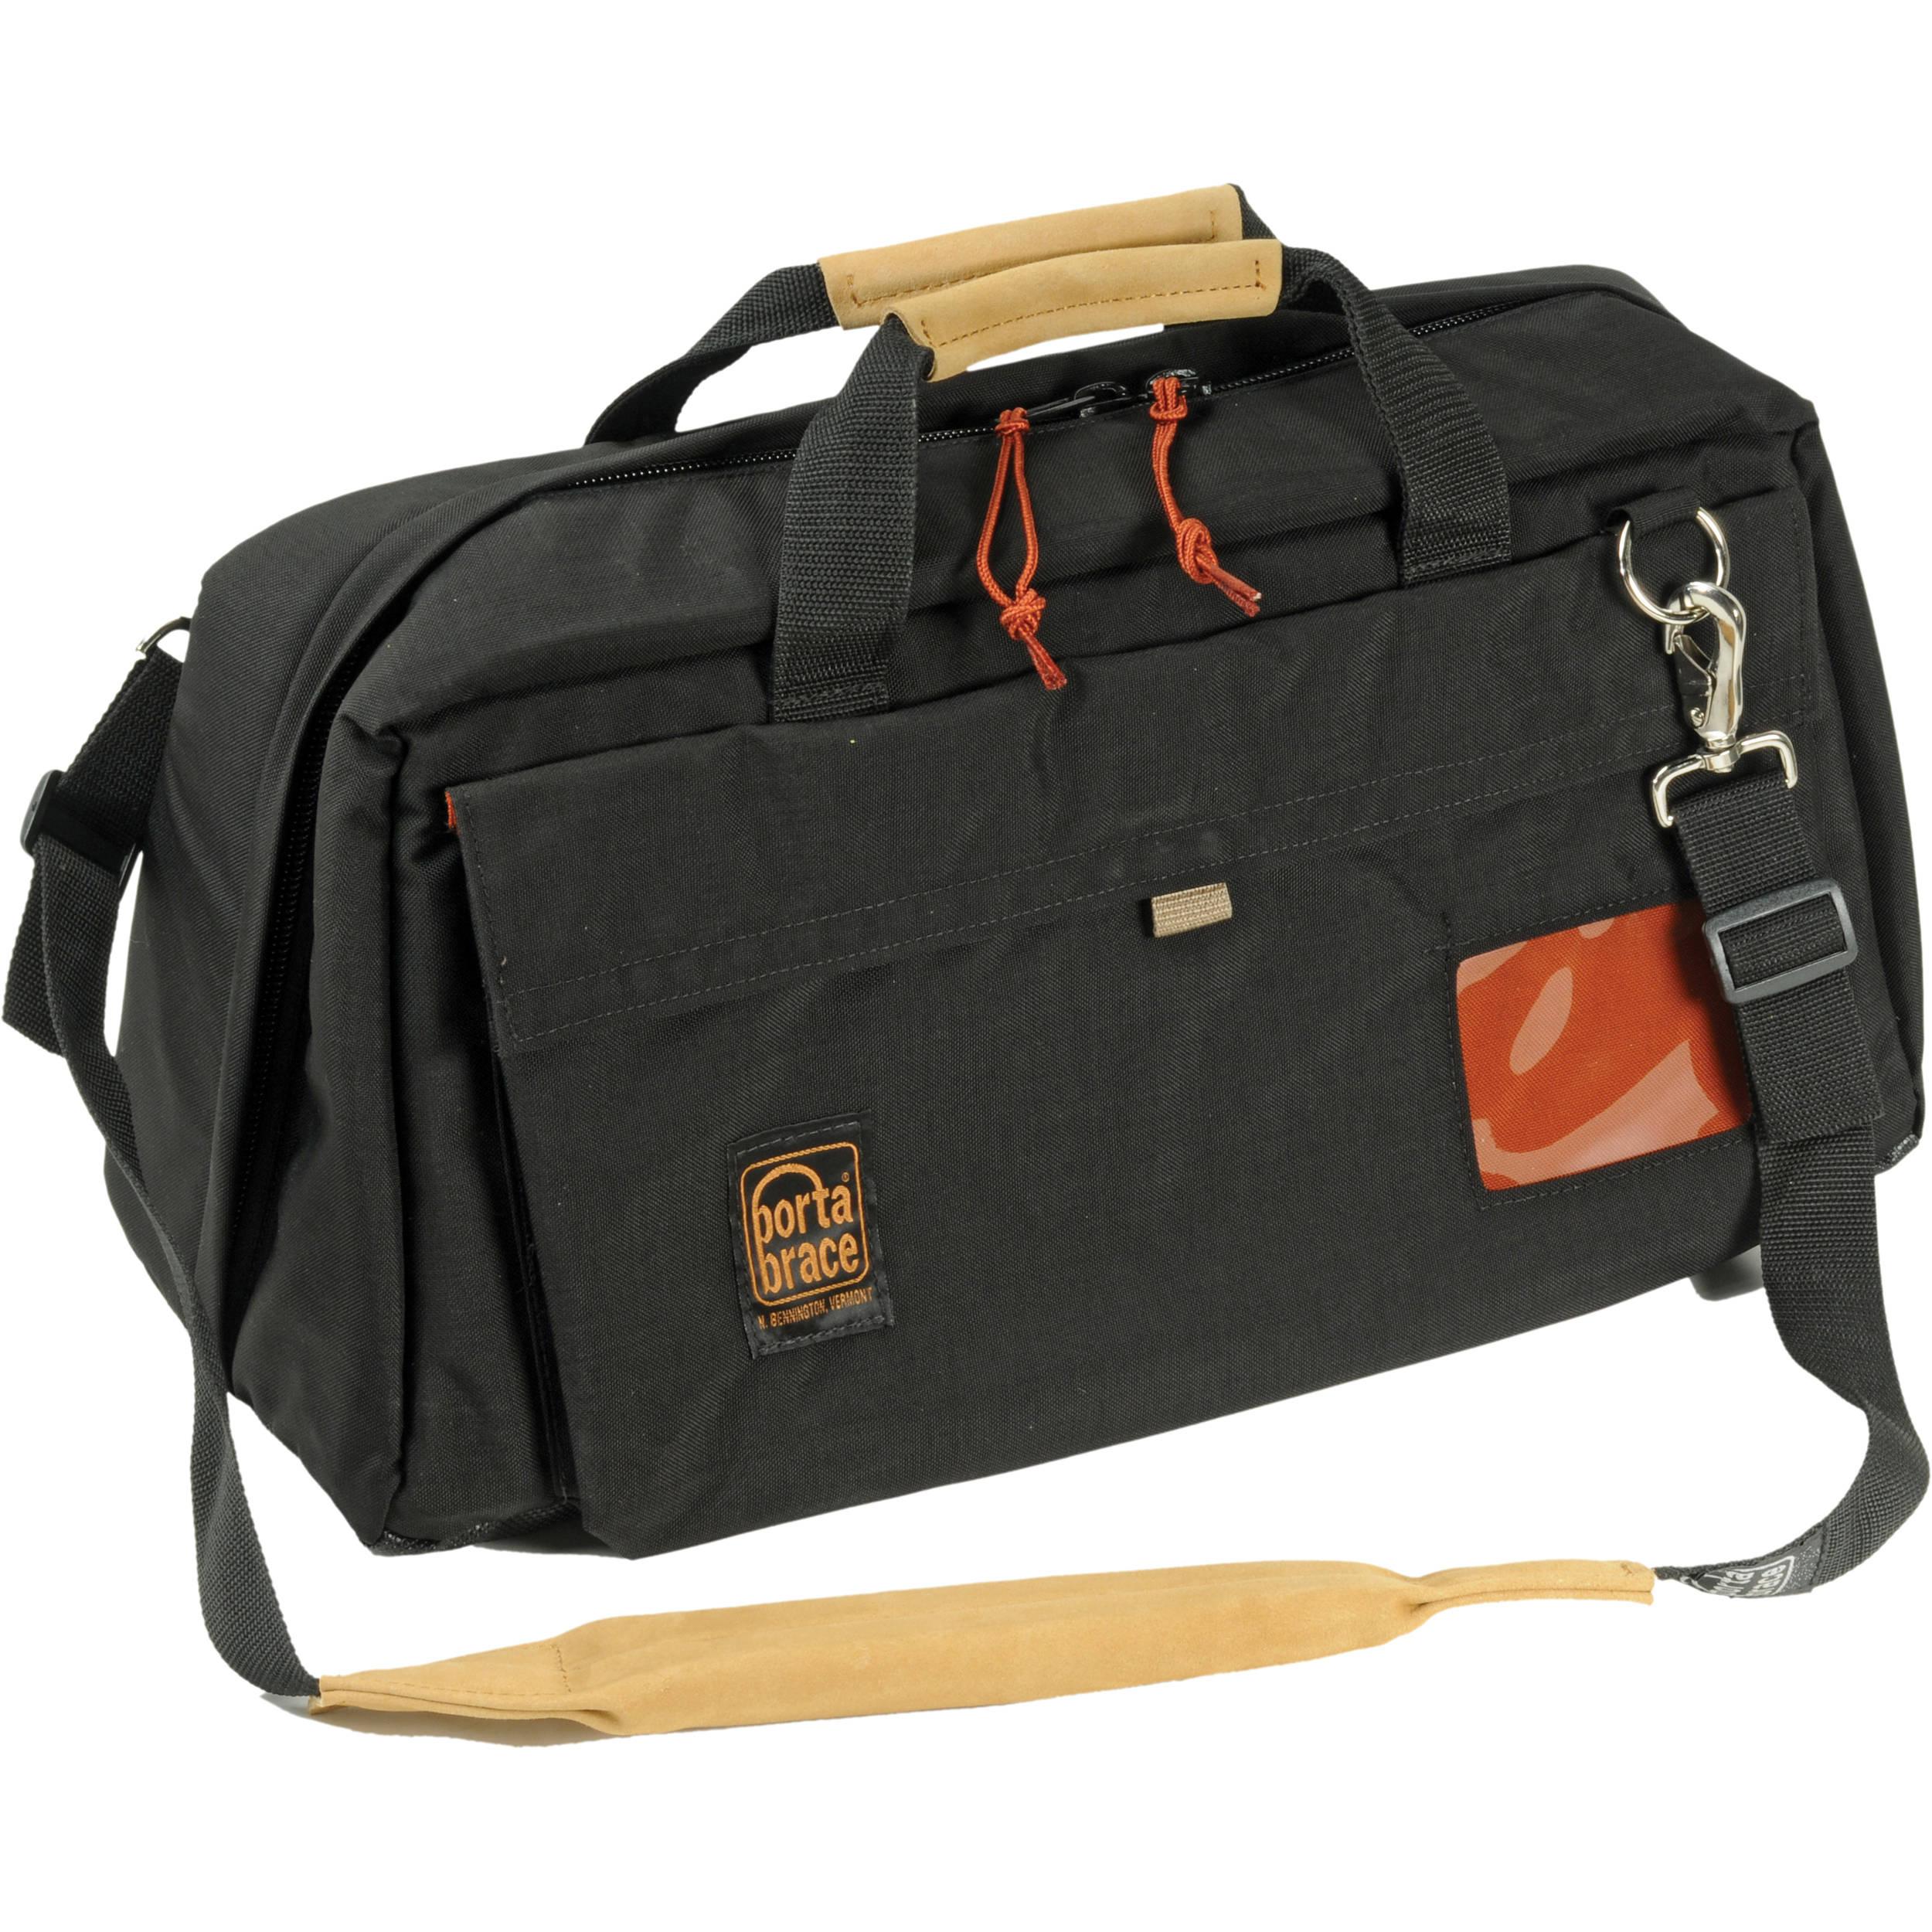 Porta Brace CS-DV4 Mini-DV Camcorder Case with QS-M4 Mini Quick Slick (Black)